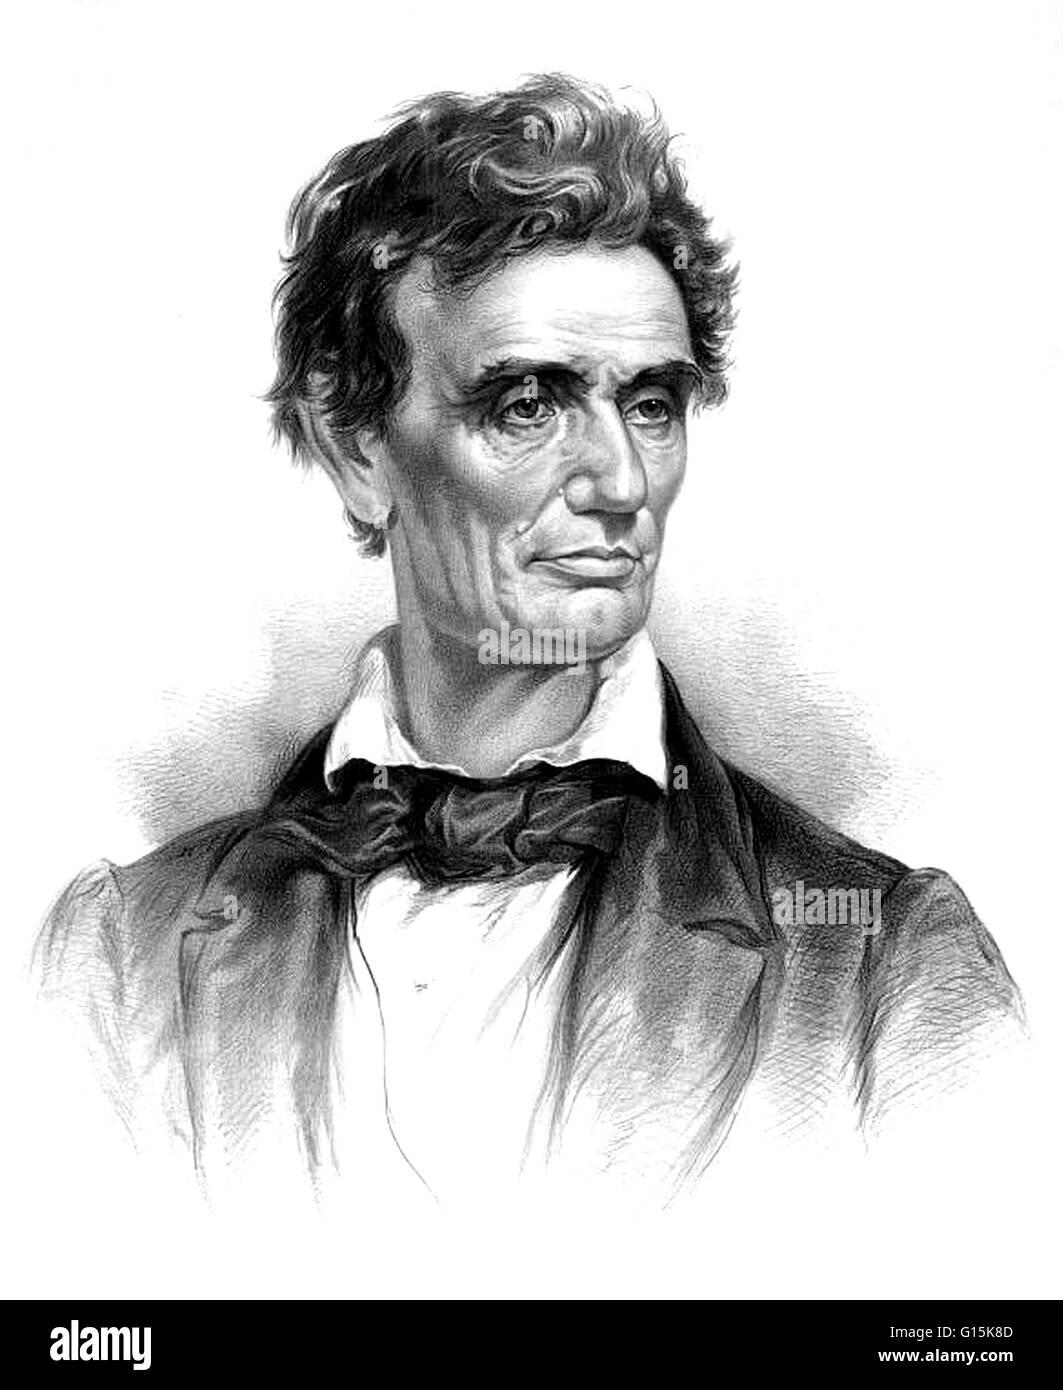 Abraham Lincoln (12. Februar 1809 - 15. April 1865) war der 16. Präsident der Vereinigten Staaten, von März Stockbild